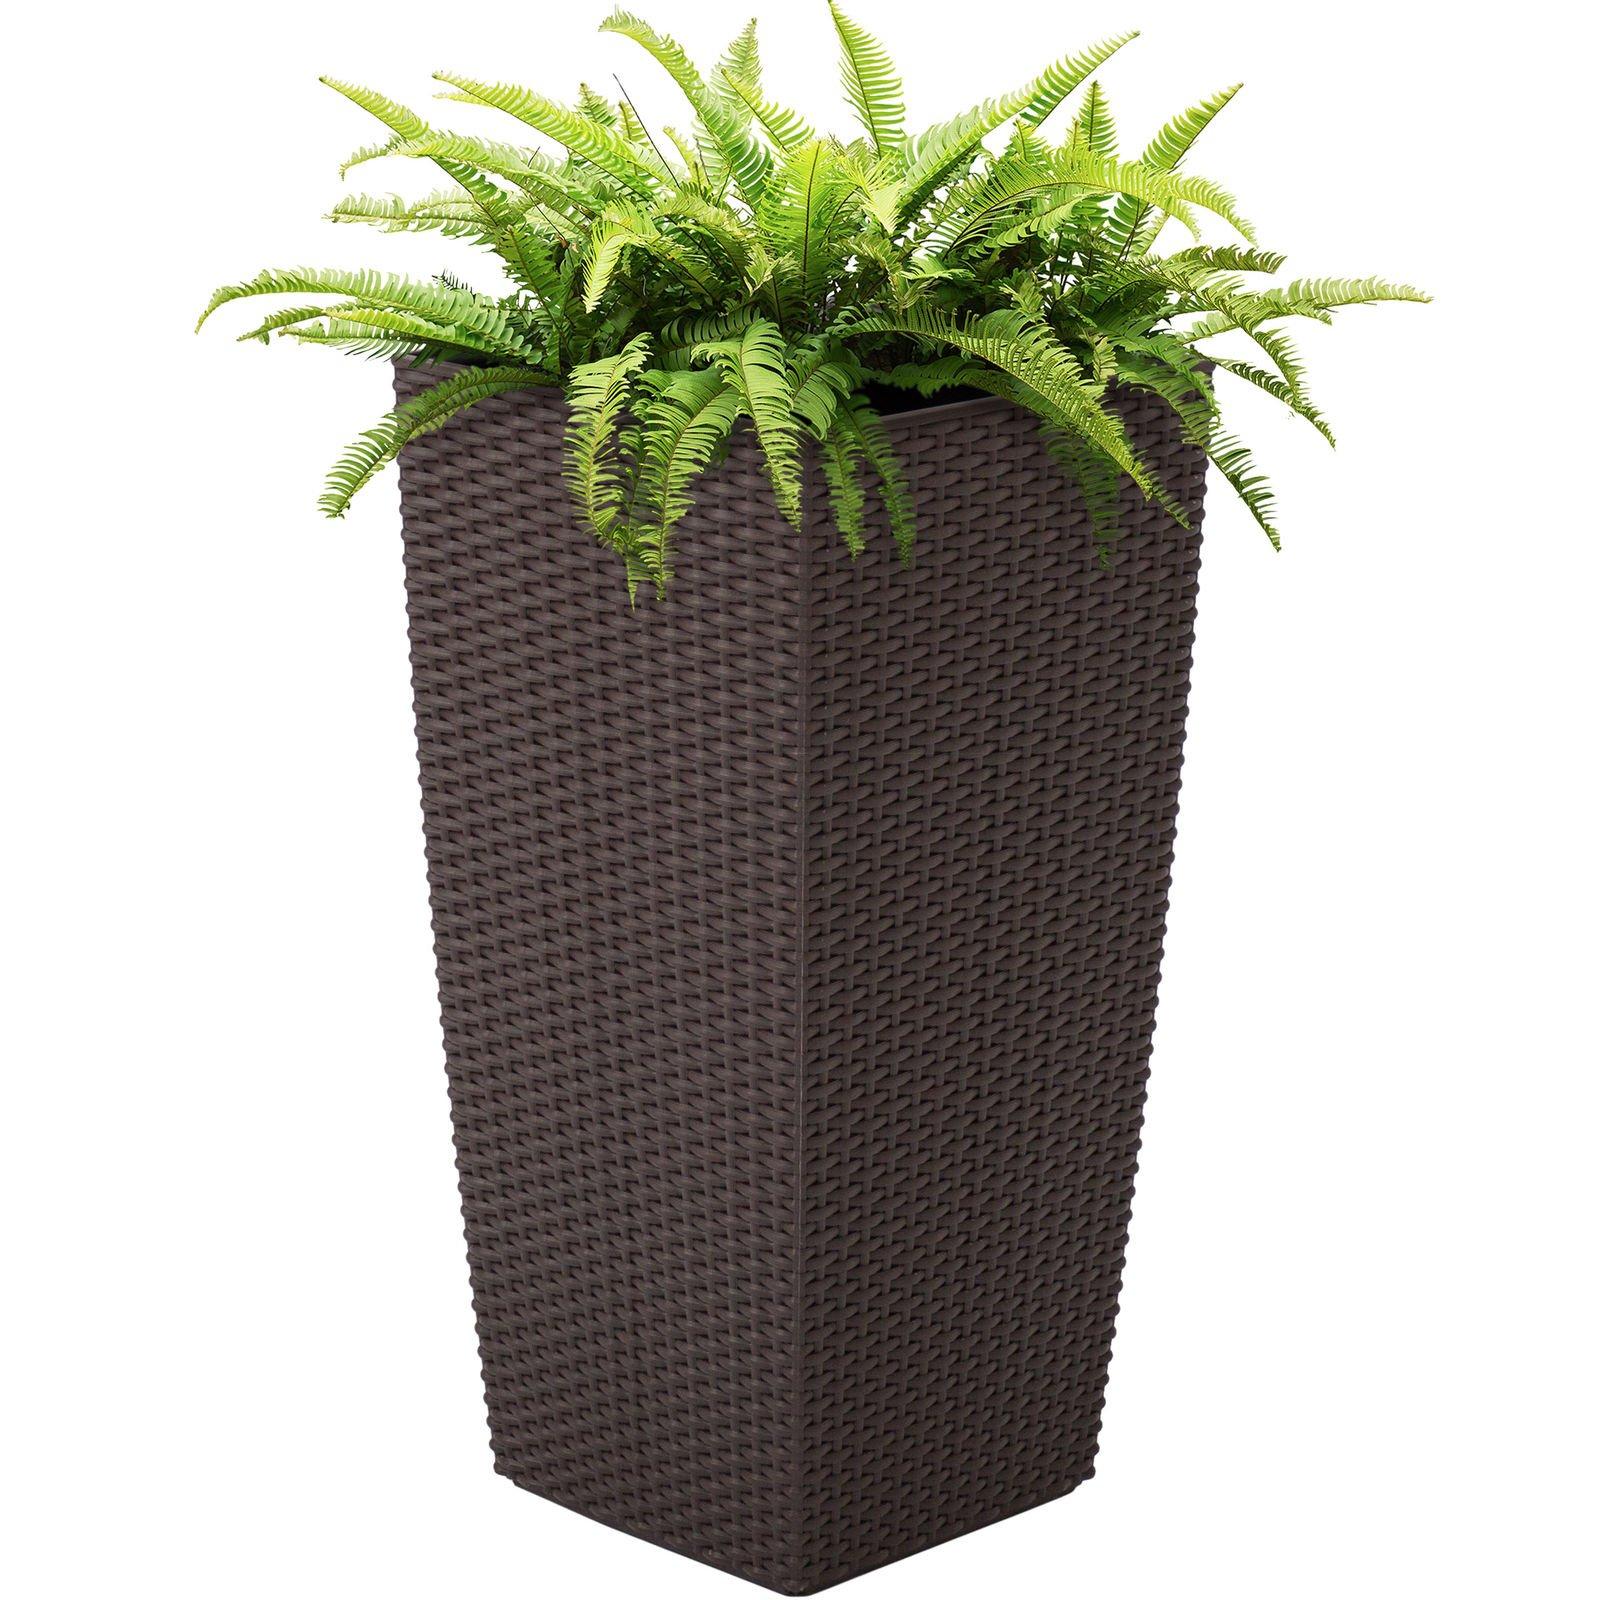 New Brown Self Watering Garden Patio Wicker Planter W Rolling Wheels Outdoor/Indoor